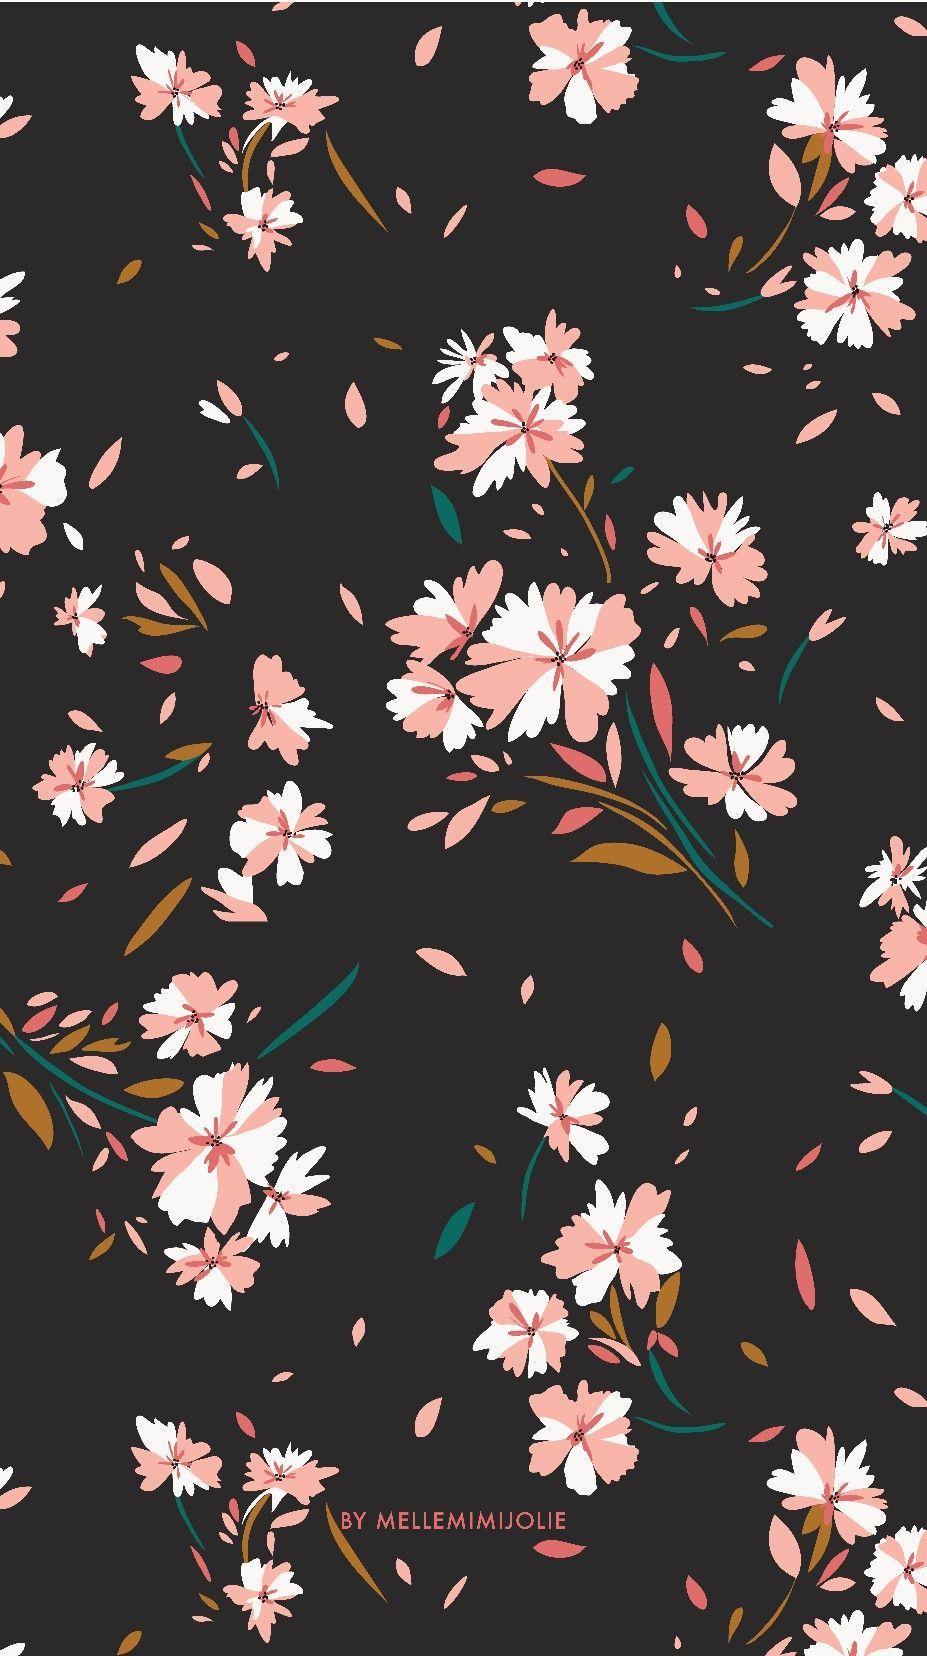 Pretty Flower Pattern Iphone Wallpaper Flower Wallpaper Screen Wallpaper Floral Wallpaper